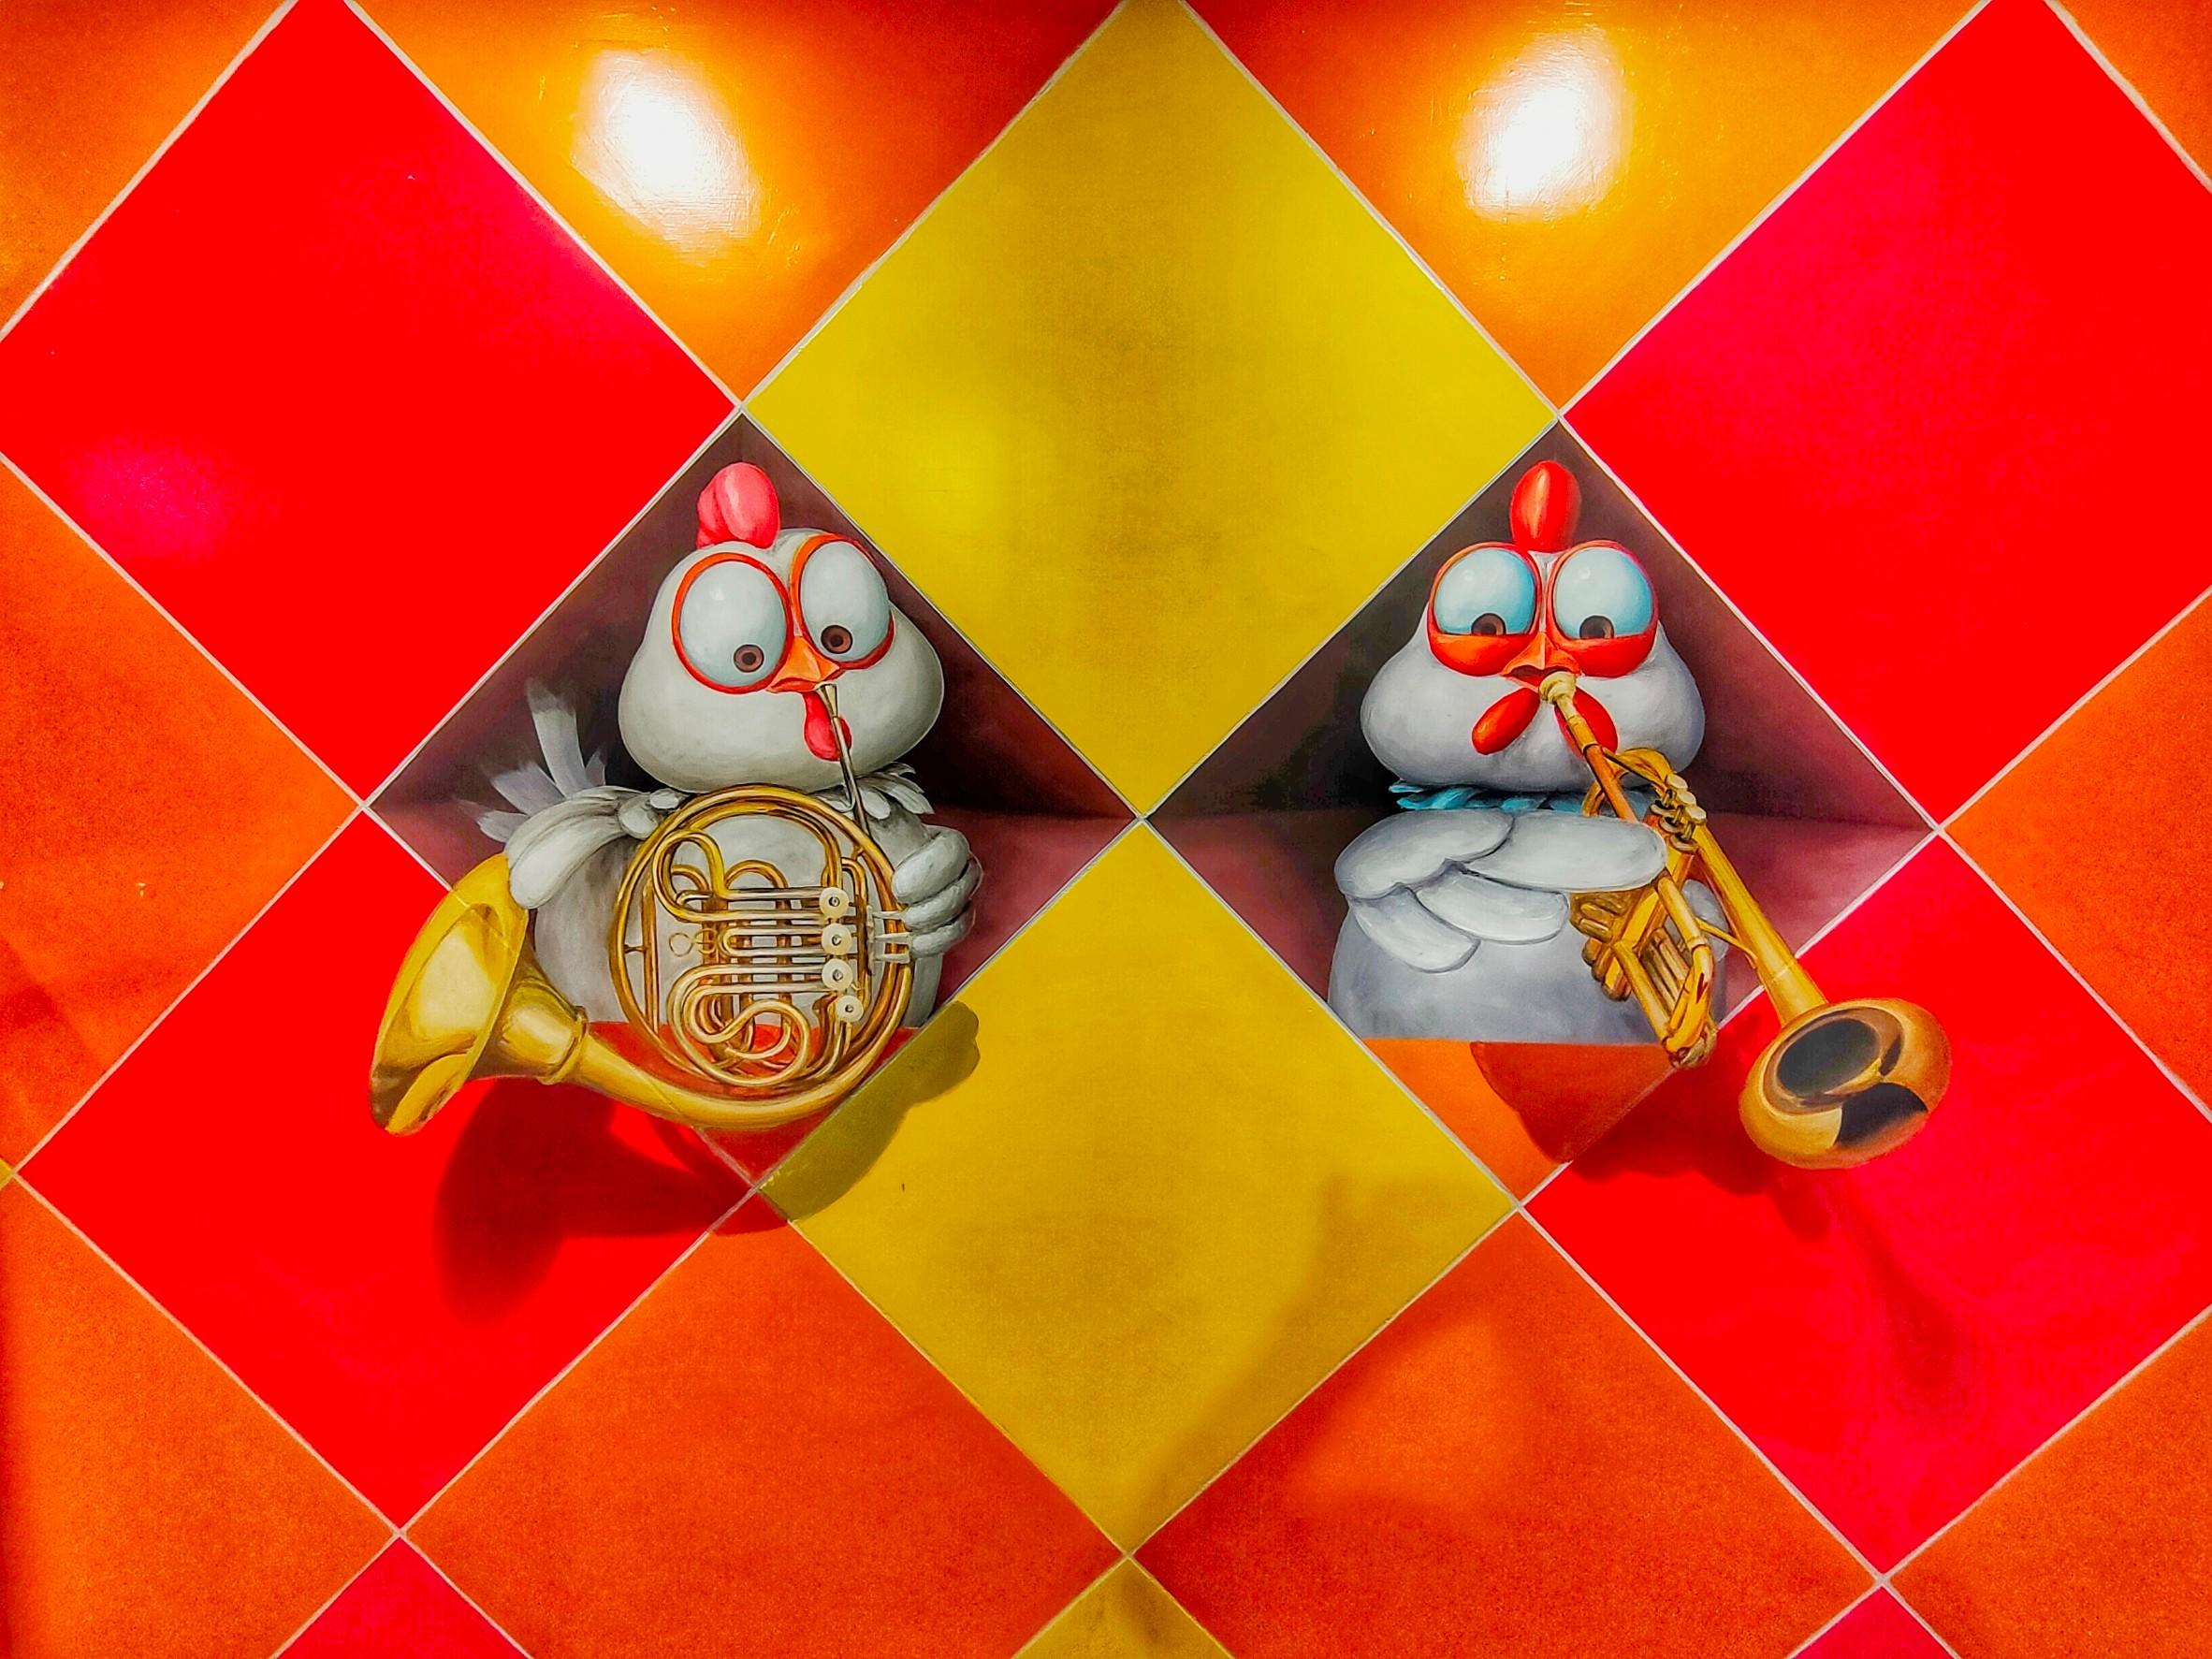 下午茶,中壢捷運,中壢火車站美食,中壢炸雞,中壢美食,中壢蛋塔,中壢蛋撻,桃園捷運,烤雞腿,遊戲室,香雞城 @民宿女王芽月-美食.旅遊.全台趴趴走